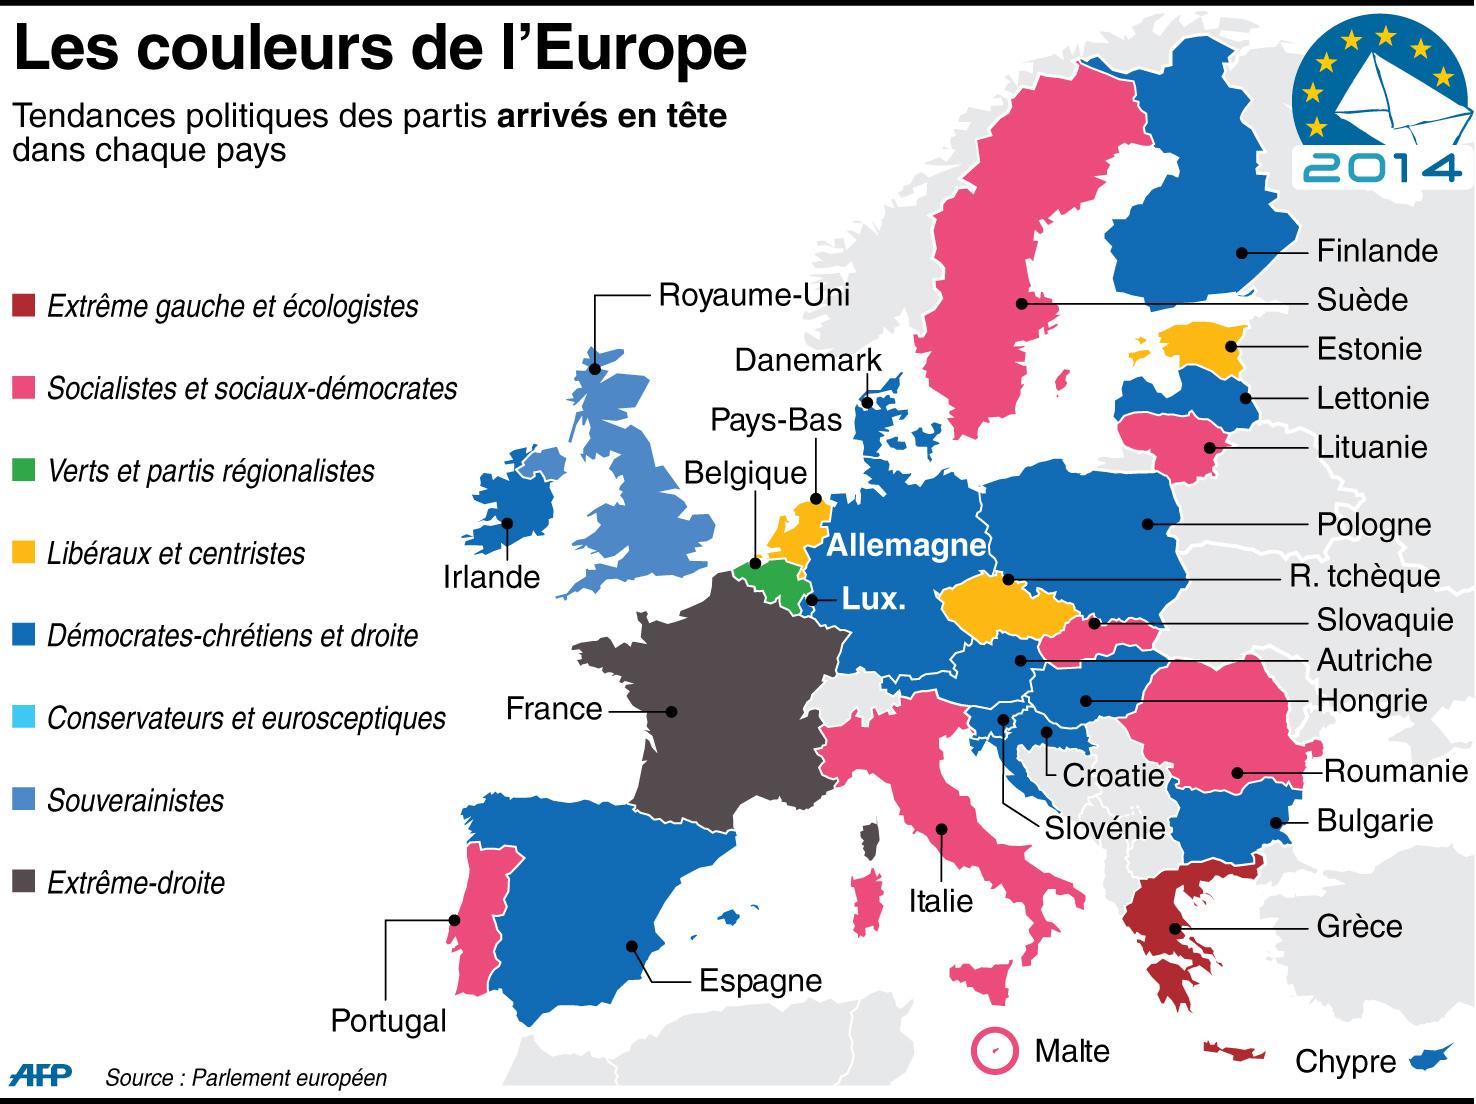 Résultats Européennes 2014 : Retrouvez La Liste Complète Des concernant Pays Union Européenne Liste